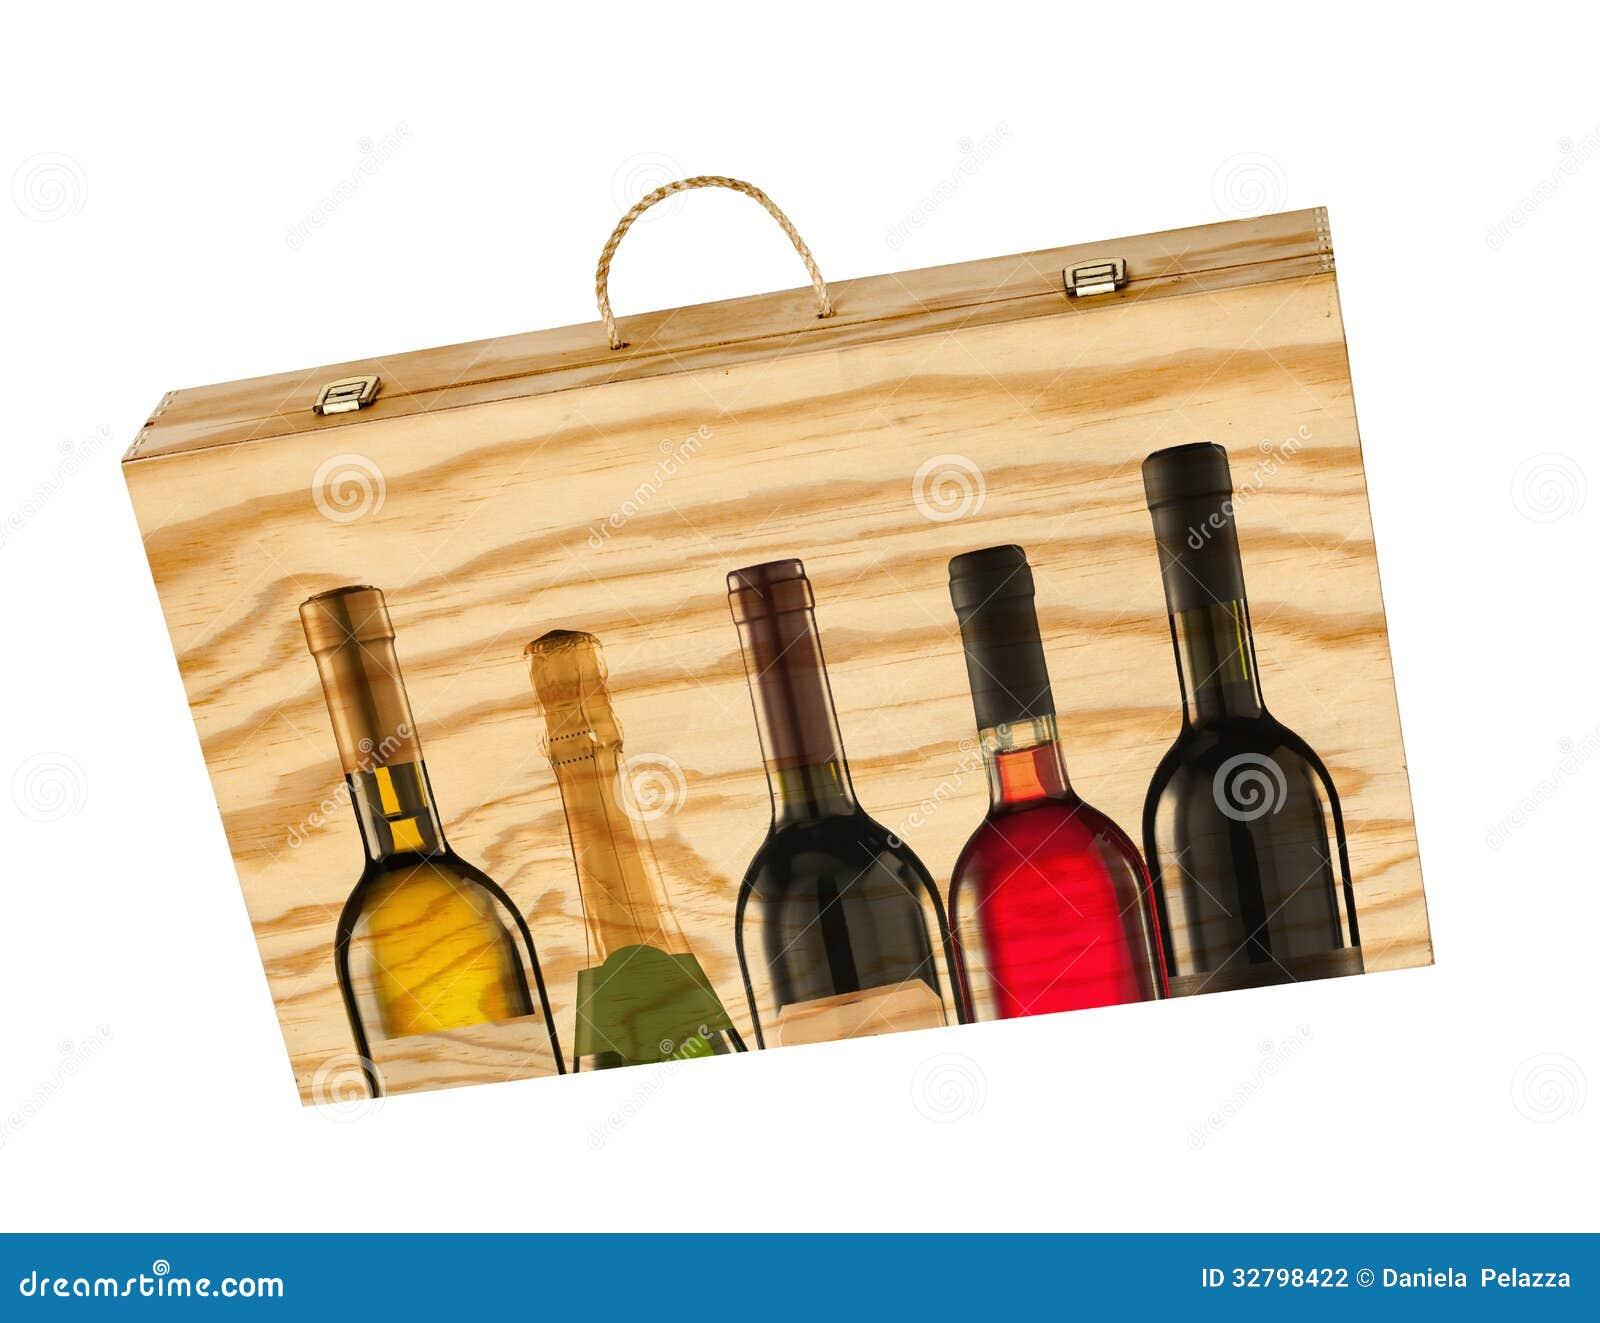 Scatola Di Legno Per Le Bottiglie Di Vino. Fotografia Stock - Immagine: 32798422